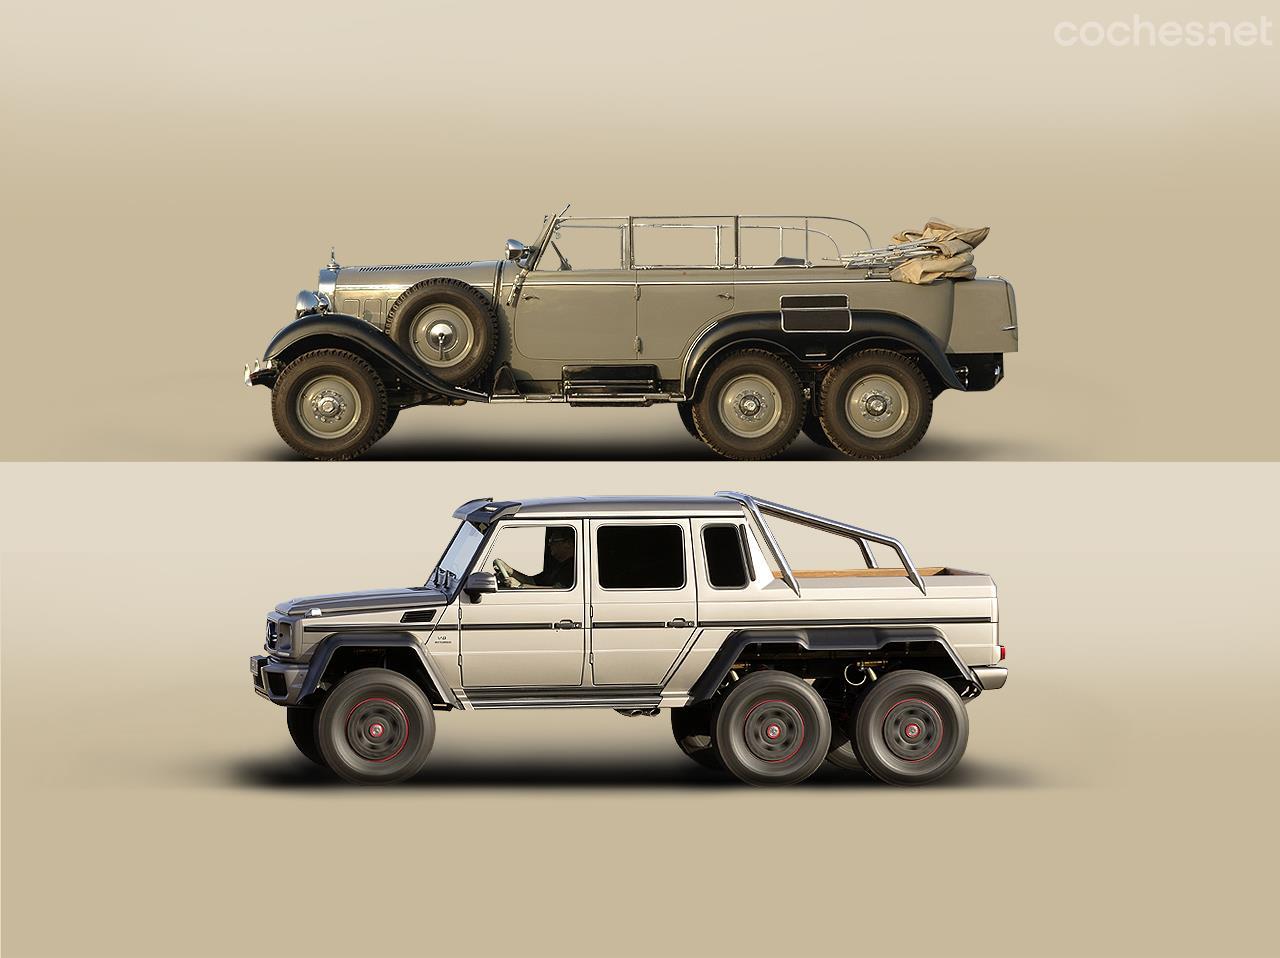 Fotos mercedes benz g 63 amg 6x6 vs g4 6x6 foto 1 for Mercedes benz 6x6 precio